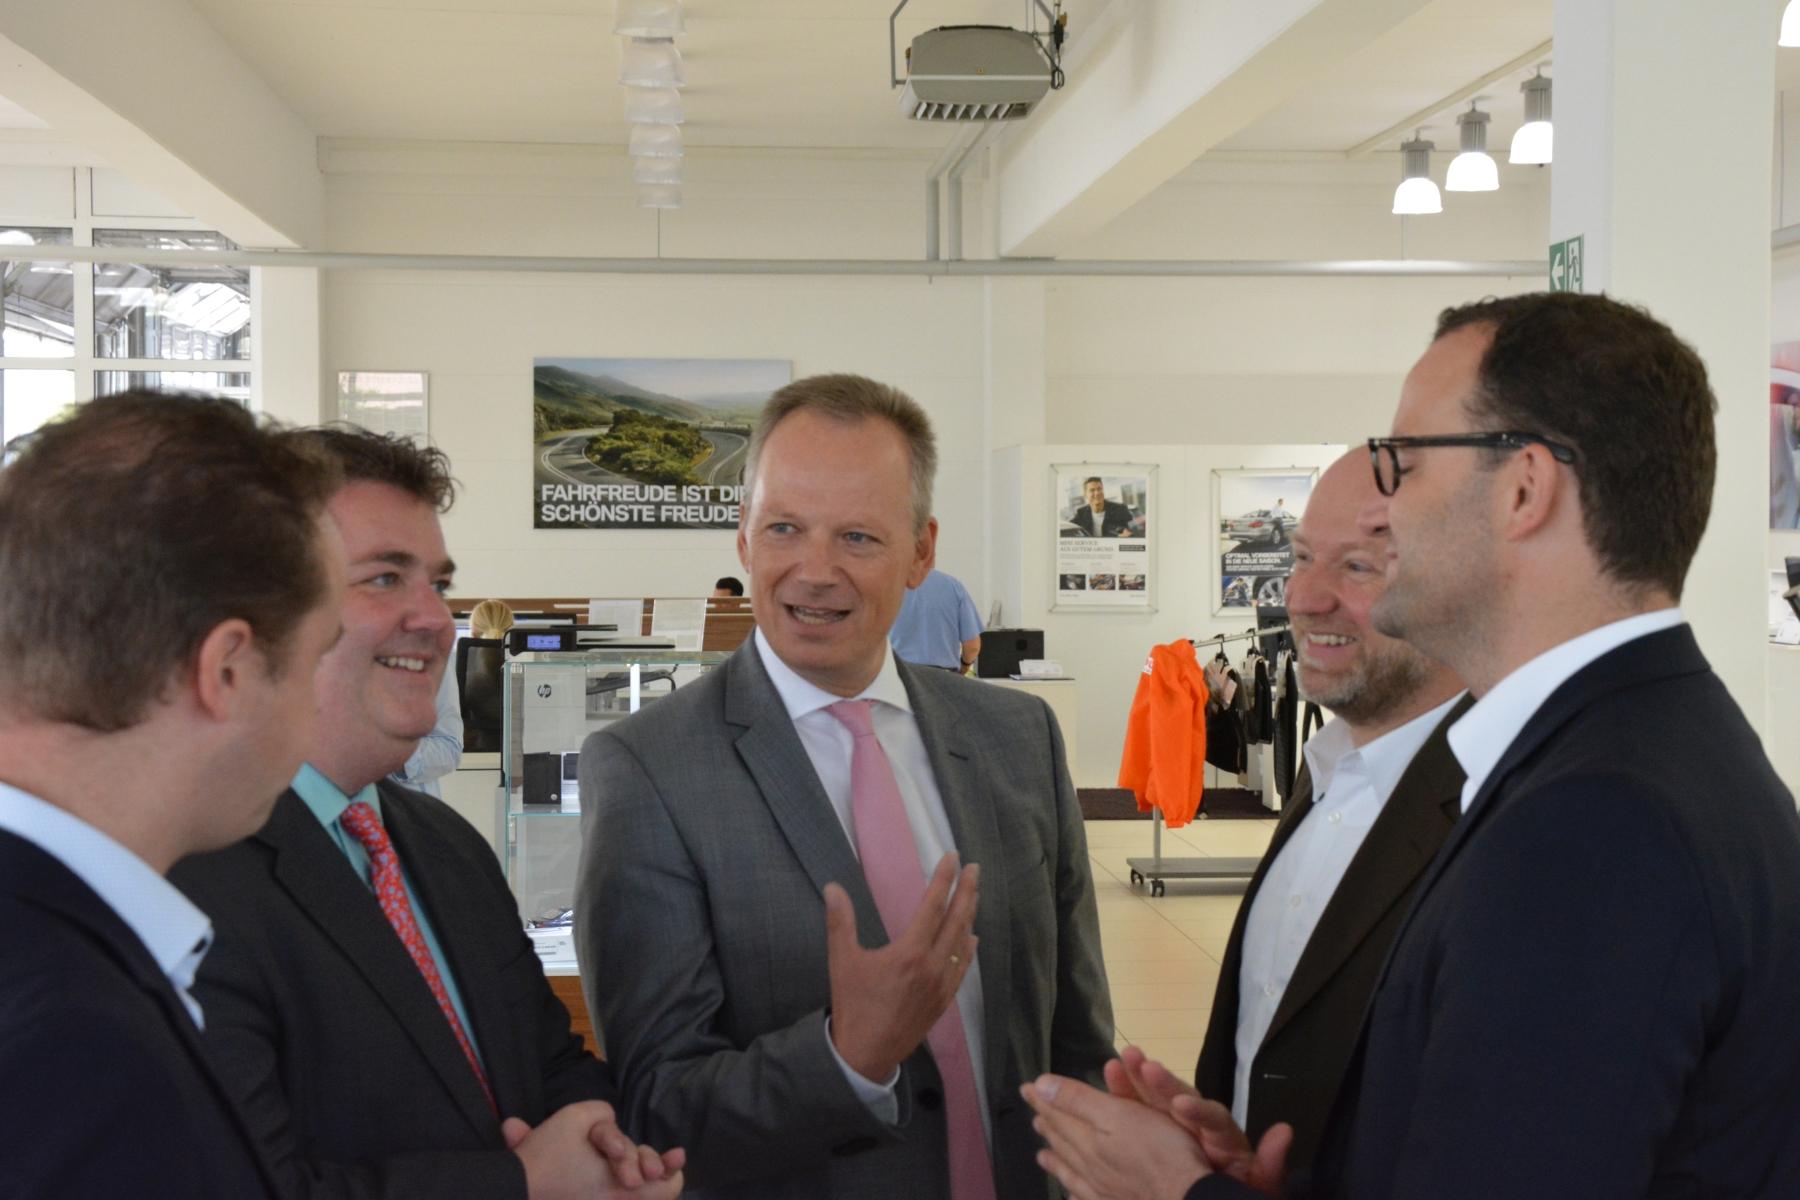 Gemeinsam mit Jens Spahn zum Unternehmensbesuch in Kaarst